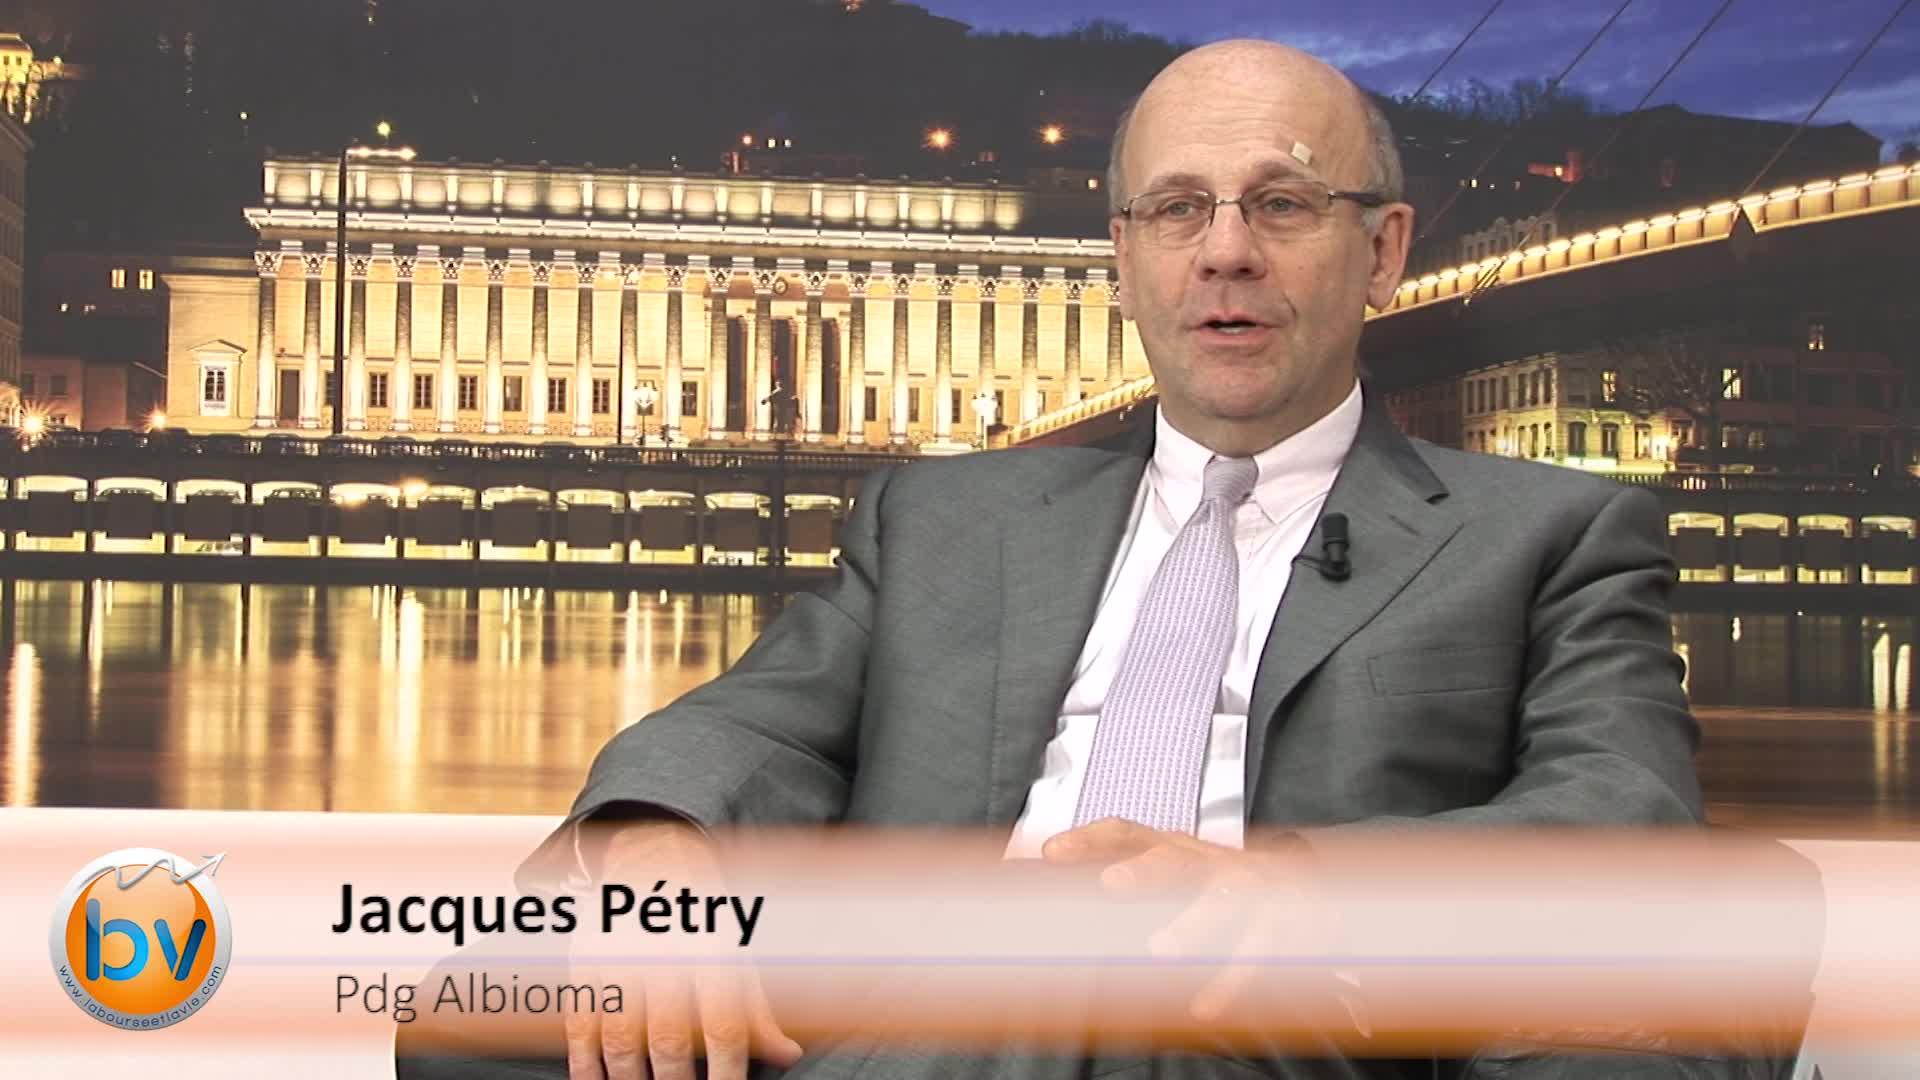 Jacques Pétry Pdg Albioma : «Nous regardons des pays comme la Thailande»